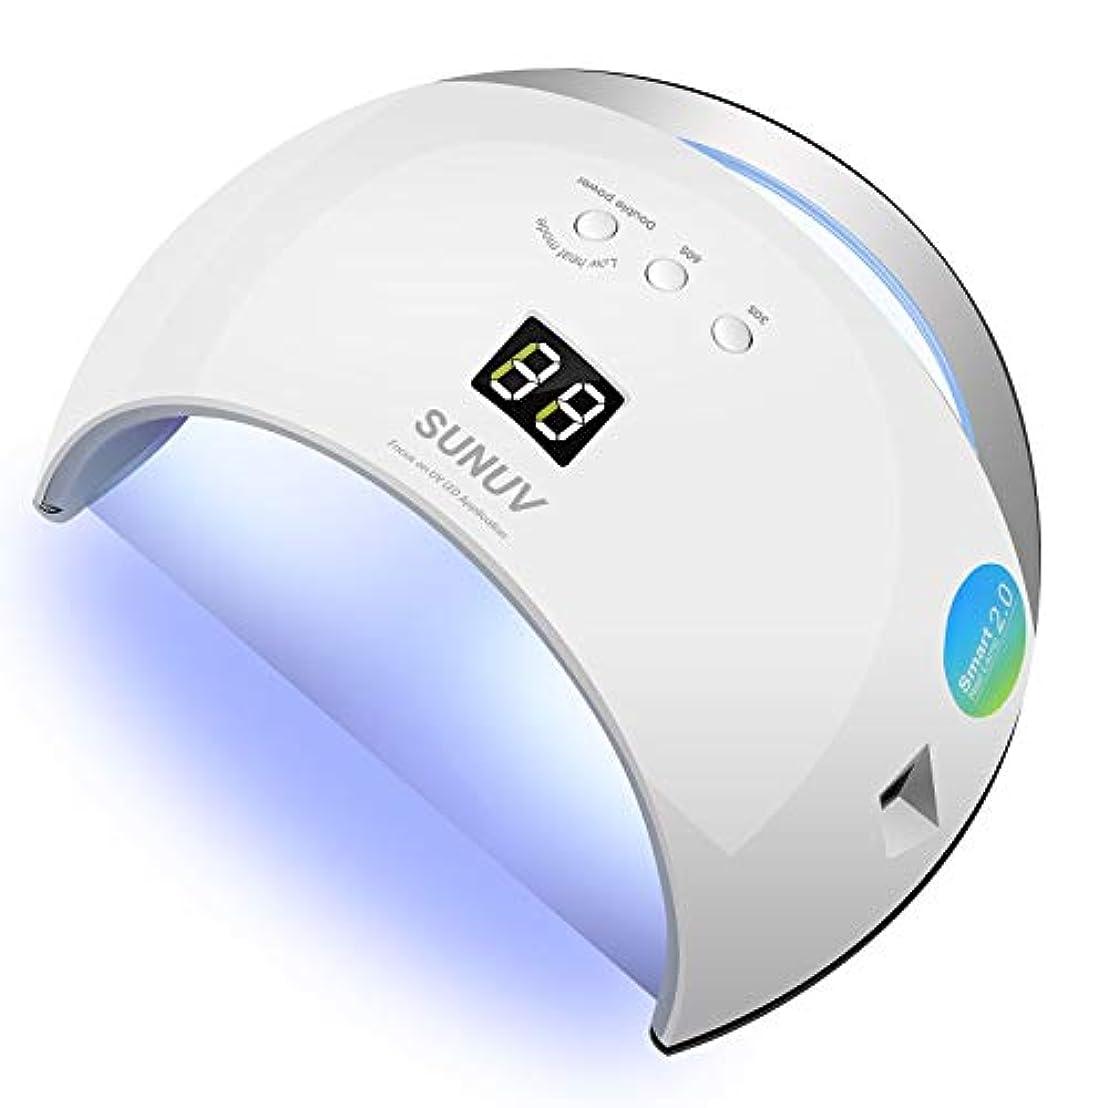 使い込む嵐インターネットNaturalTrend ジェルネイル uv ledライト 最新48W 話題の低ヒートモード搭載 人感センサー (新48W, ライトホワイト)